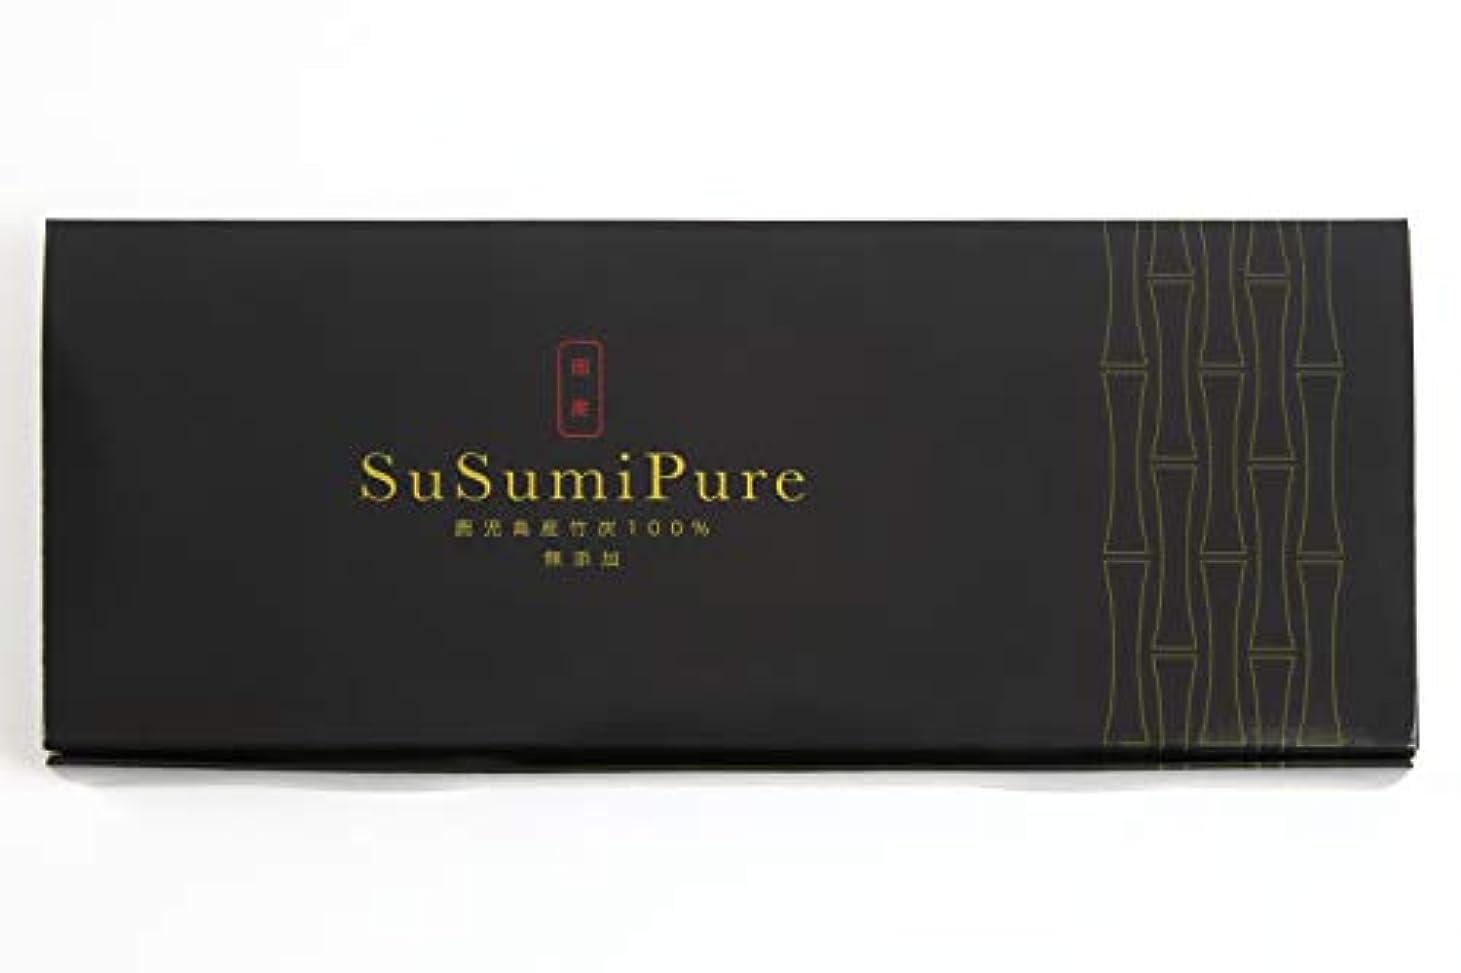 ピン財産木材食べる炭 SuSumiPure (スースミピュア) 1.5g×30包 国産 高級竹炭粉 無添加仕上げ